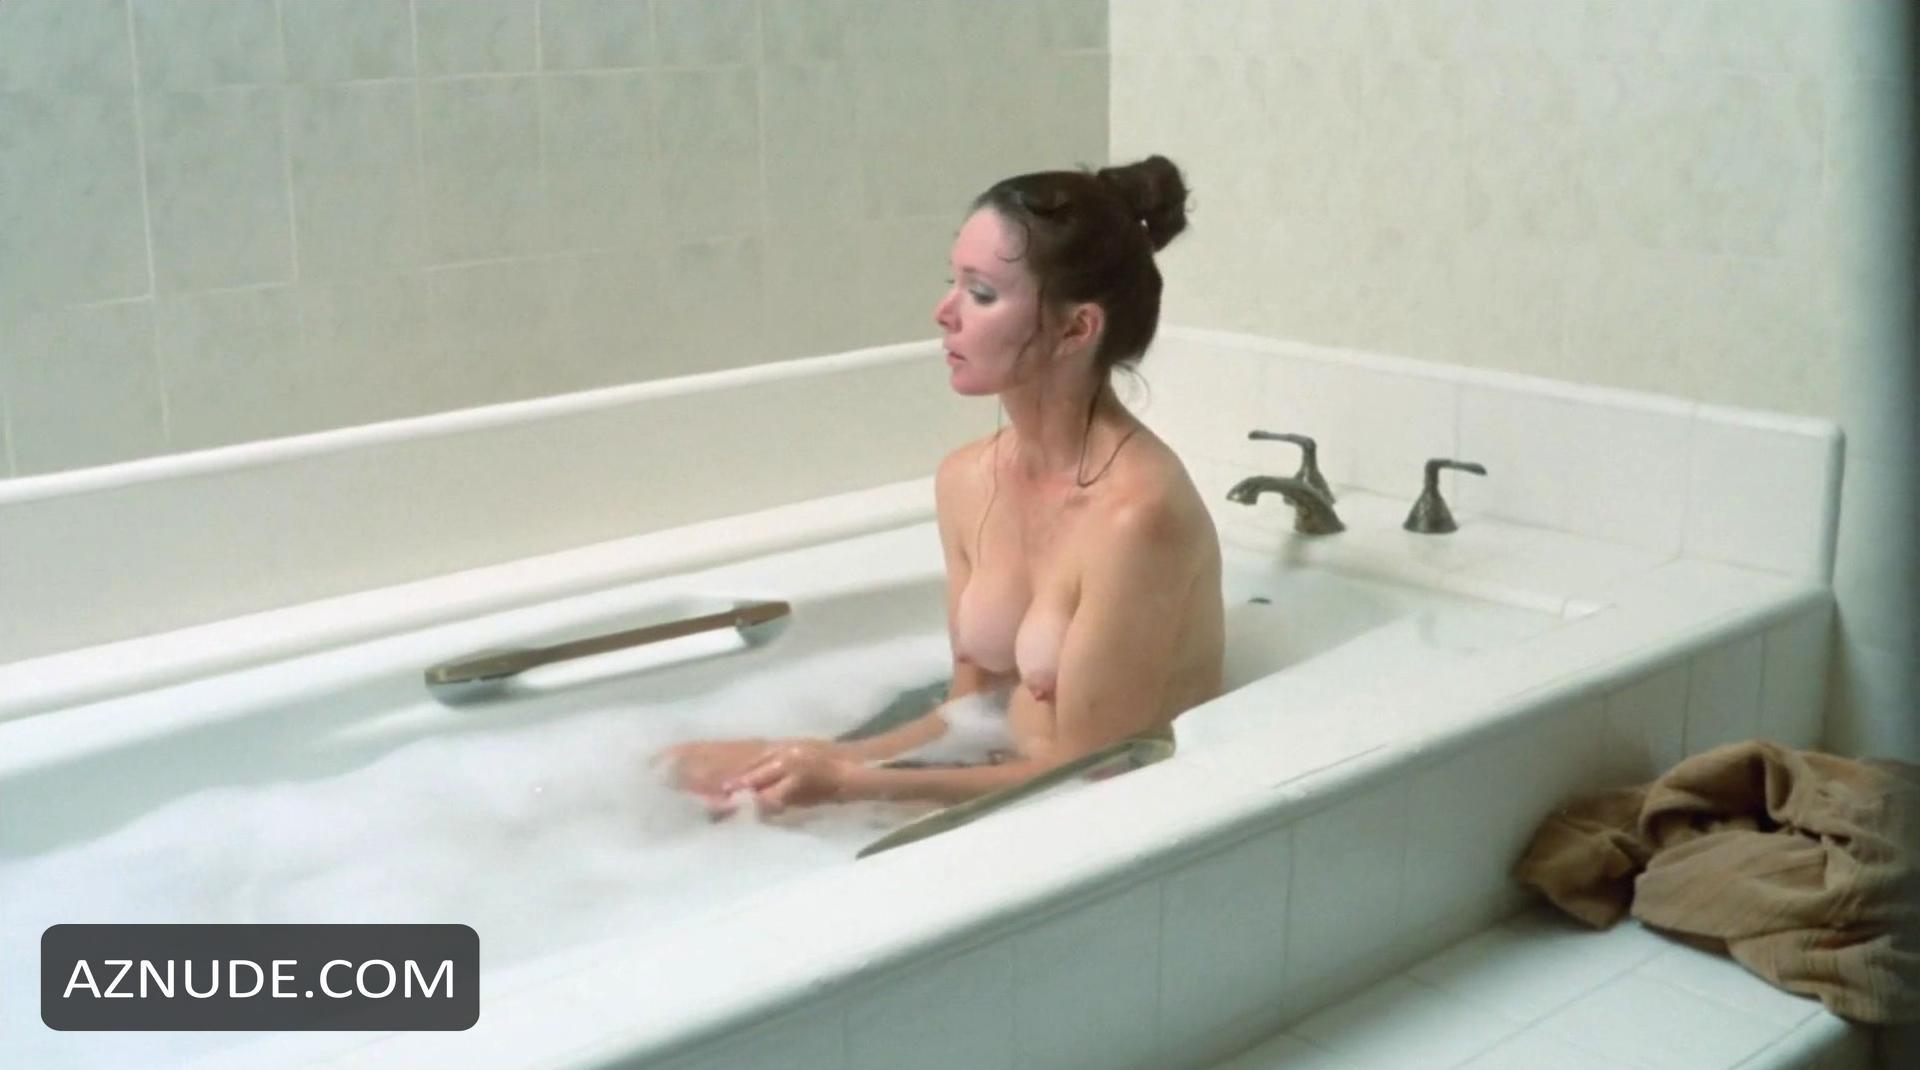 Delia sheppard killing american style sex scenes - 2 6